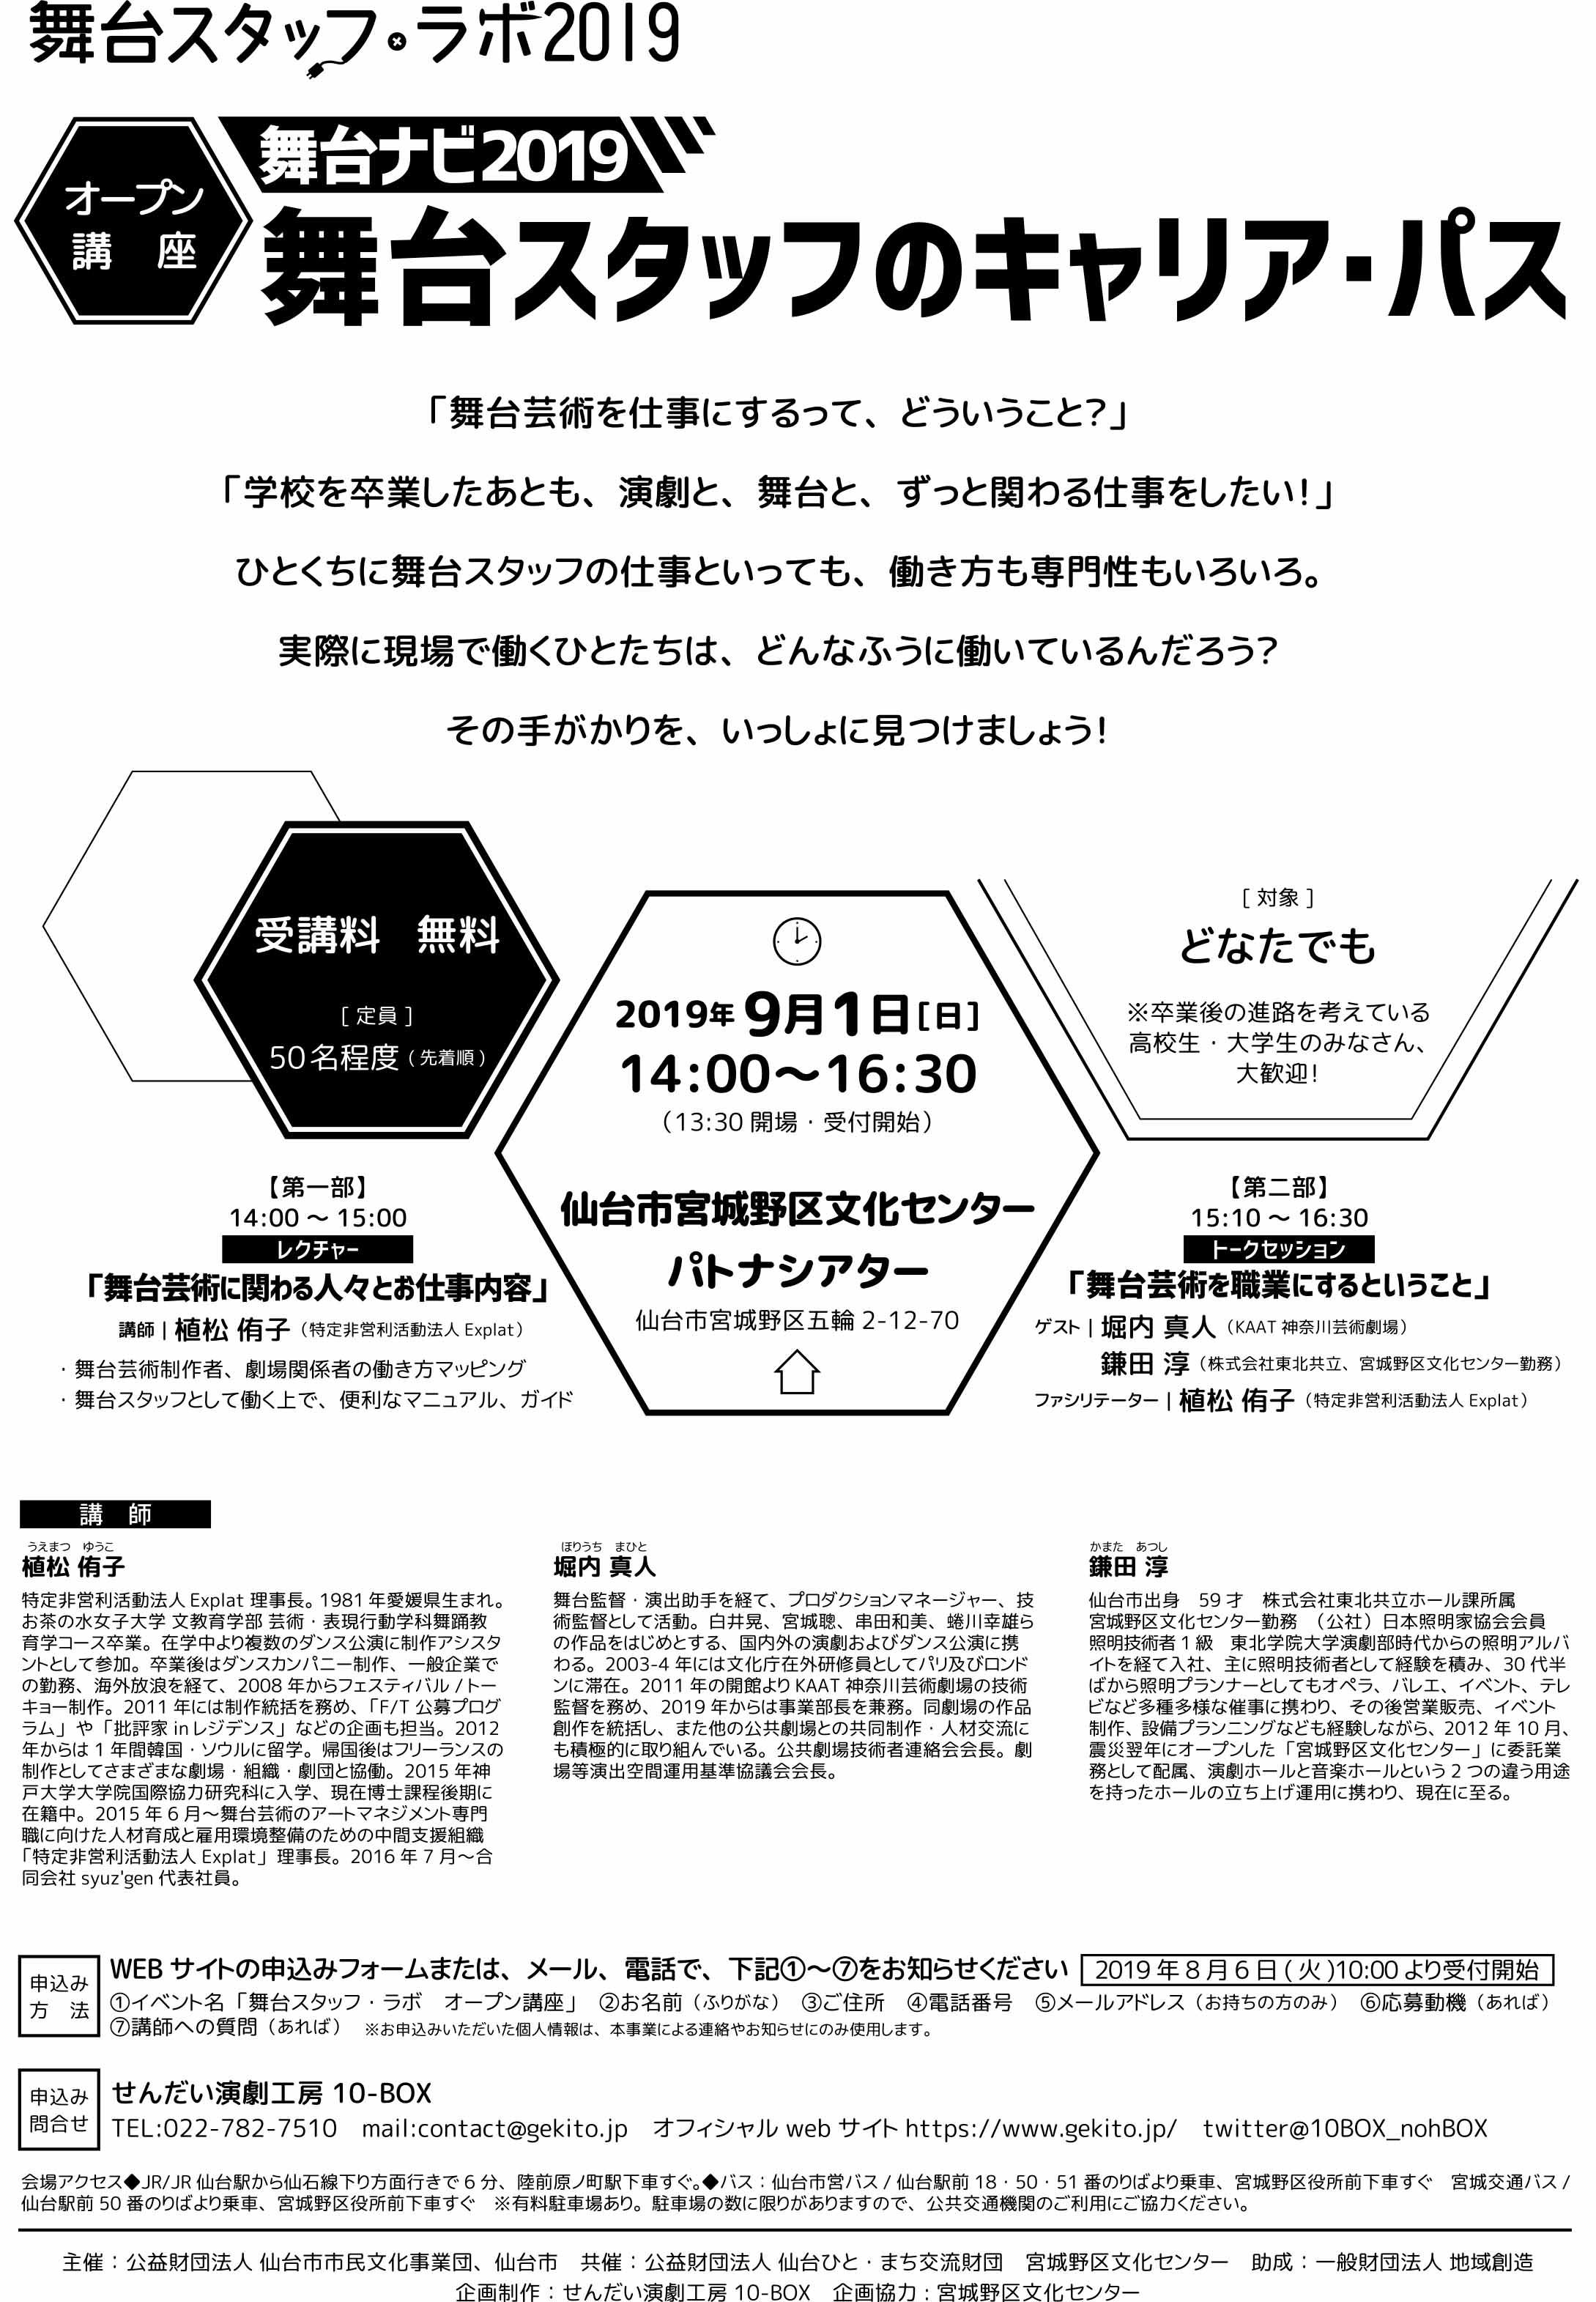 『舞台ナビ2019 舞台スタッフのキャリア・パス』チラシ